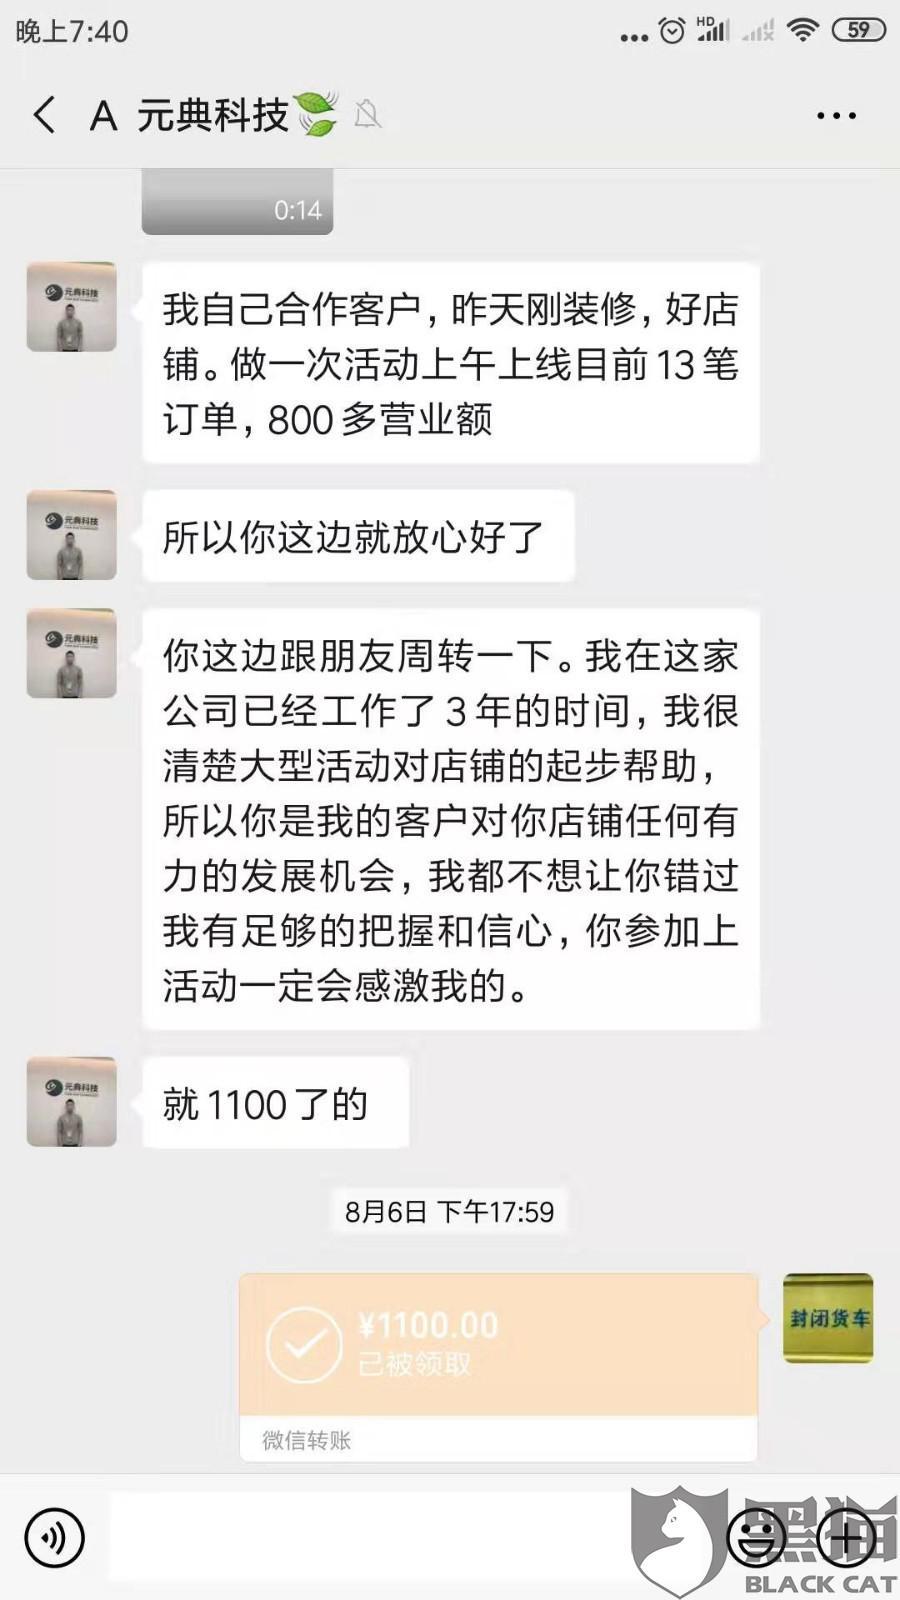 黑猫投诉:深圳元典科技有限公司,还钱,欺骗消费者